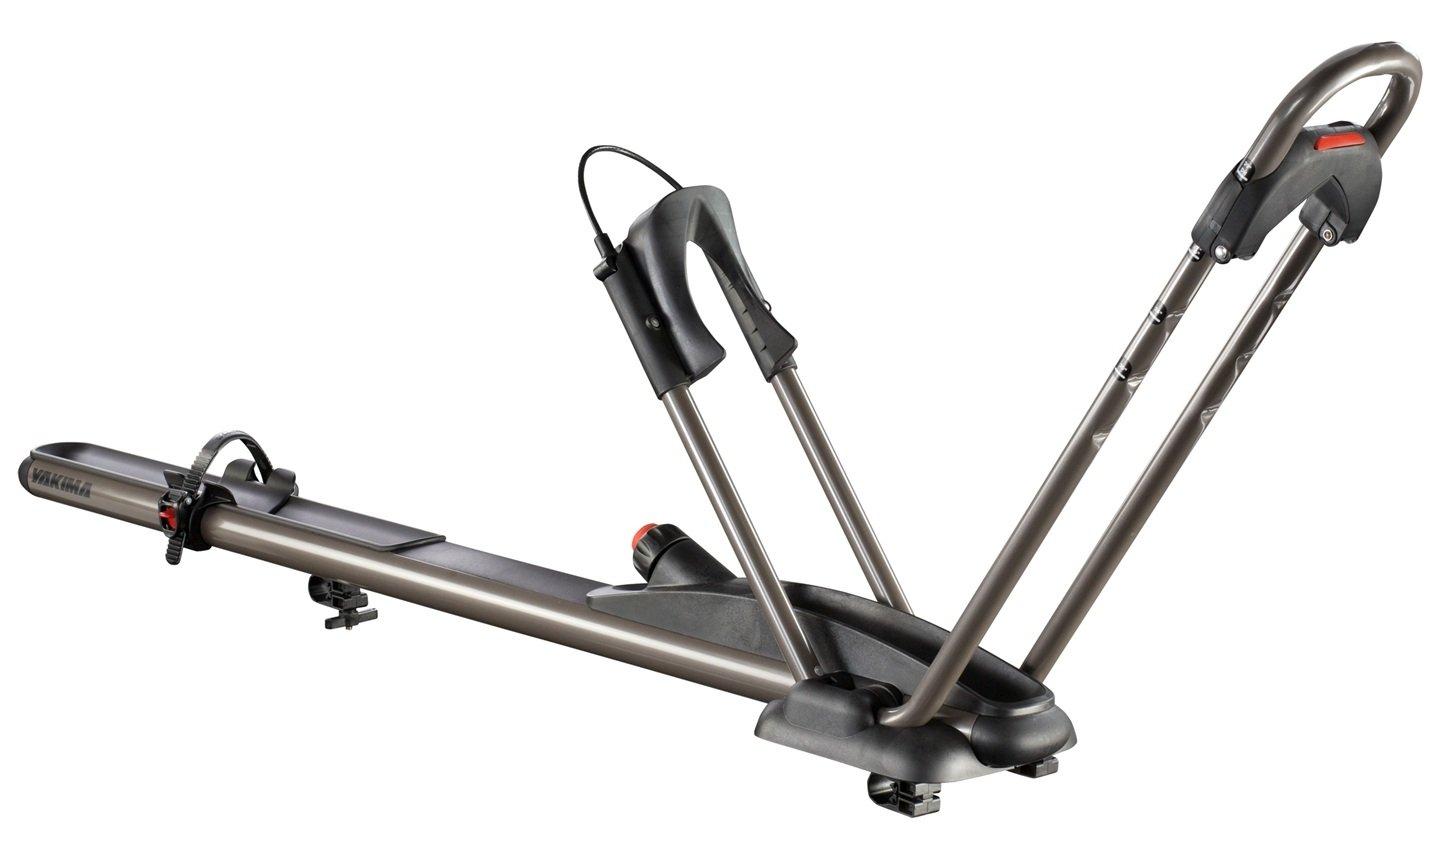 Amazon.com : Yakima HighRoller Rooftop Upright Bike Rack